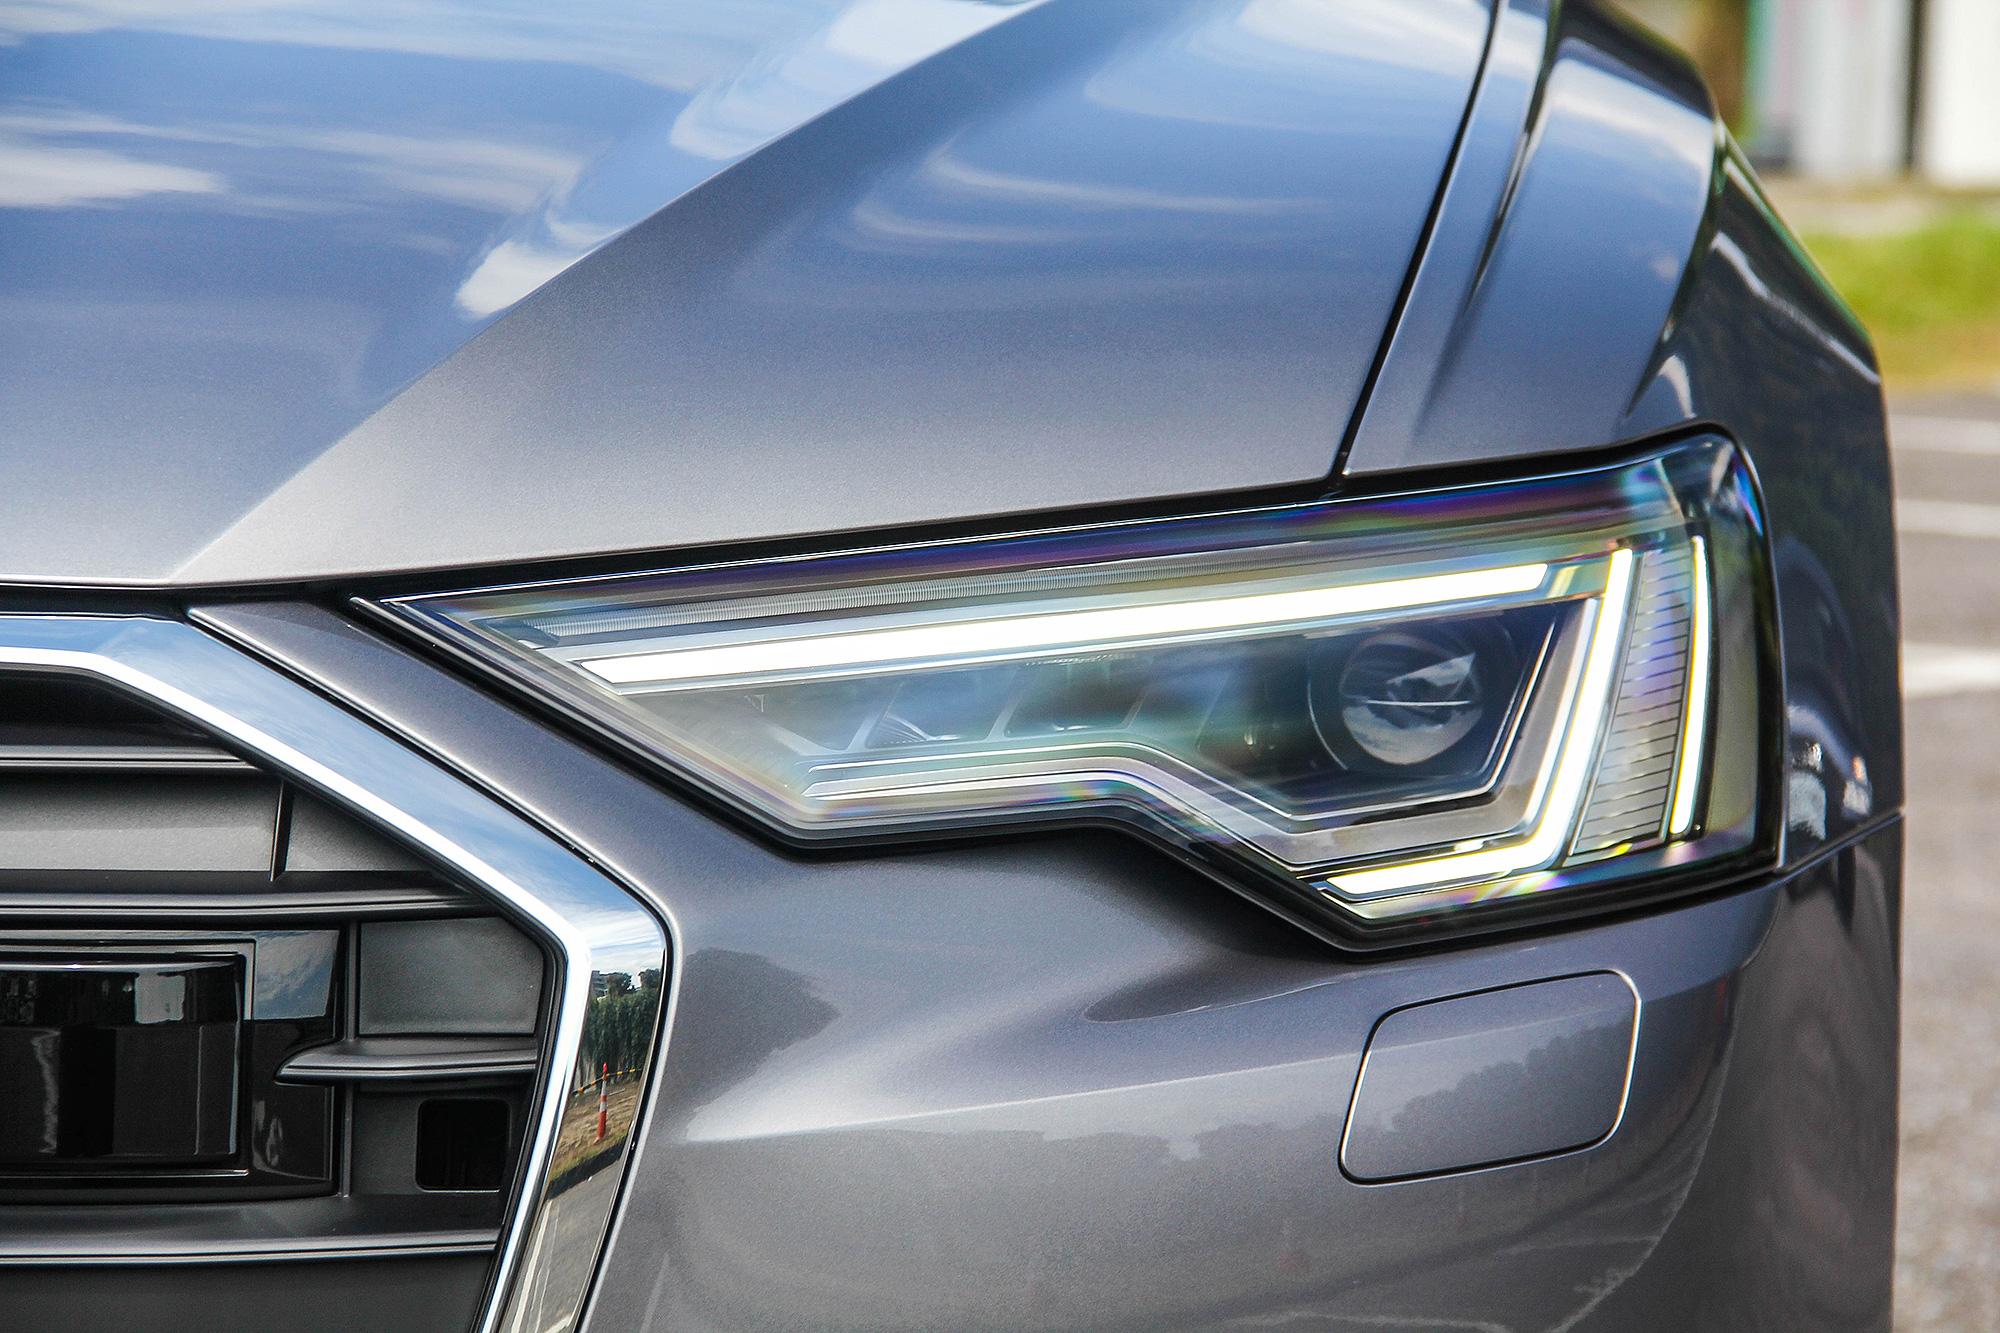 Matrix LED 矩陣式 LED 頭燈為 Premium 車型以上的標準配備。